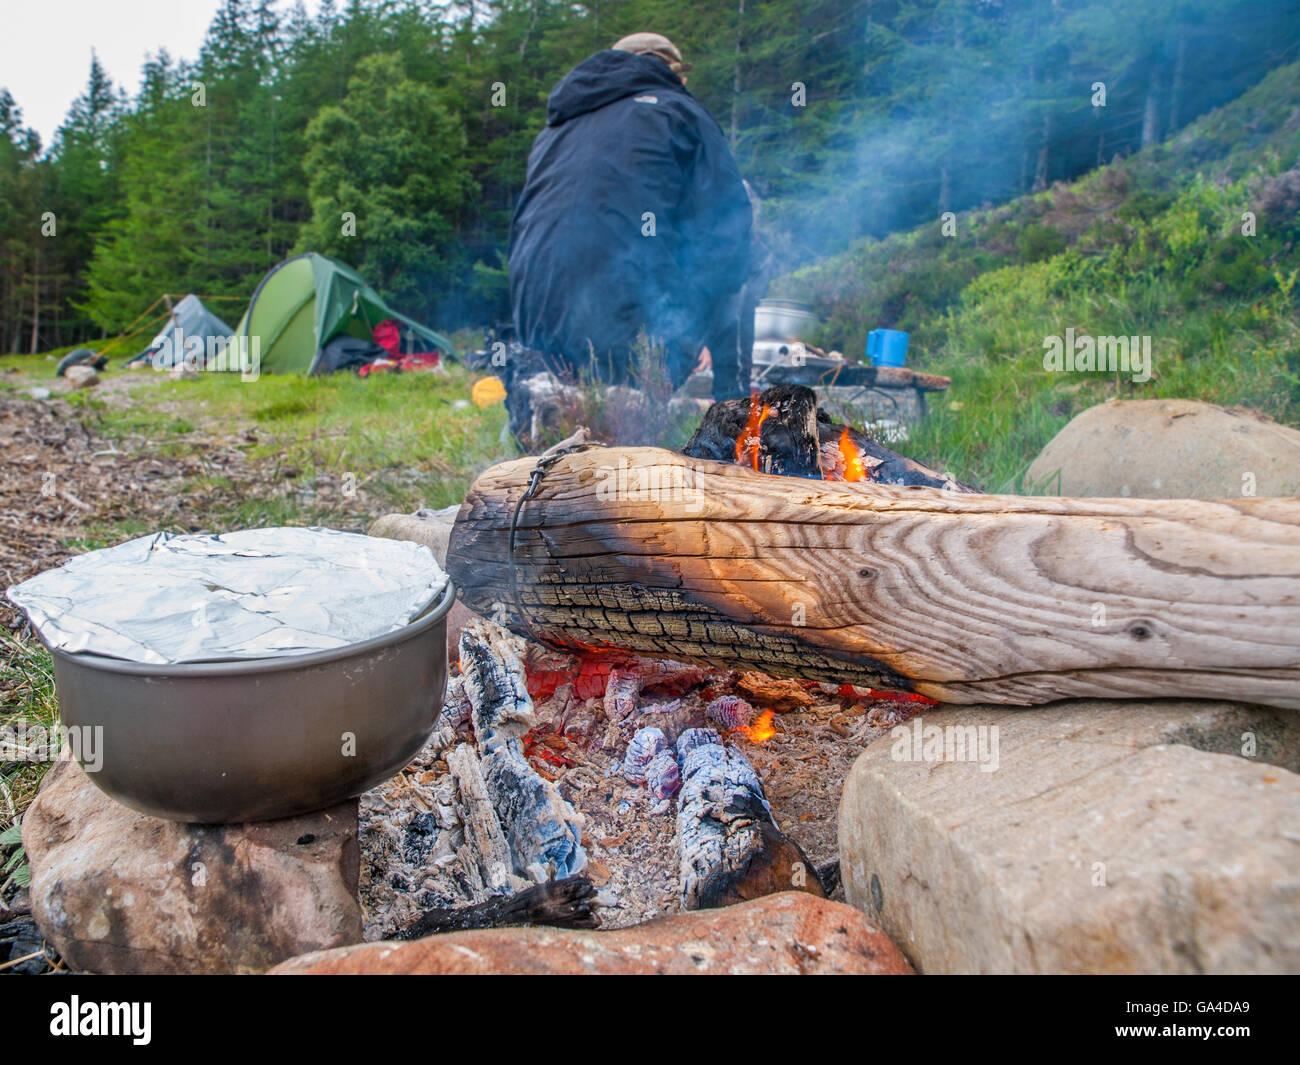 Un recipiente di cottura su un fuoco di campo, camper e tende in background. Highlands scozzesi Immagini Stock